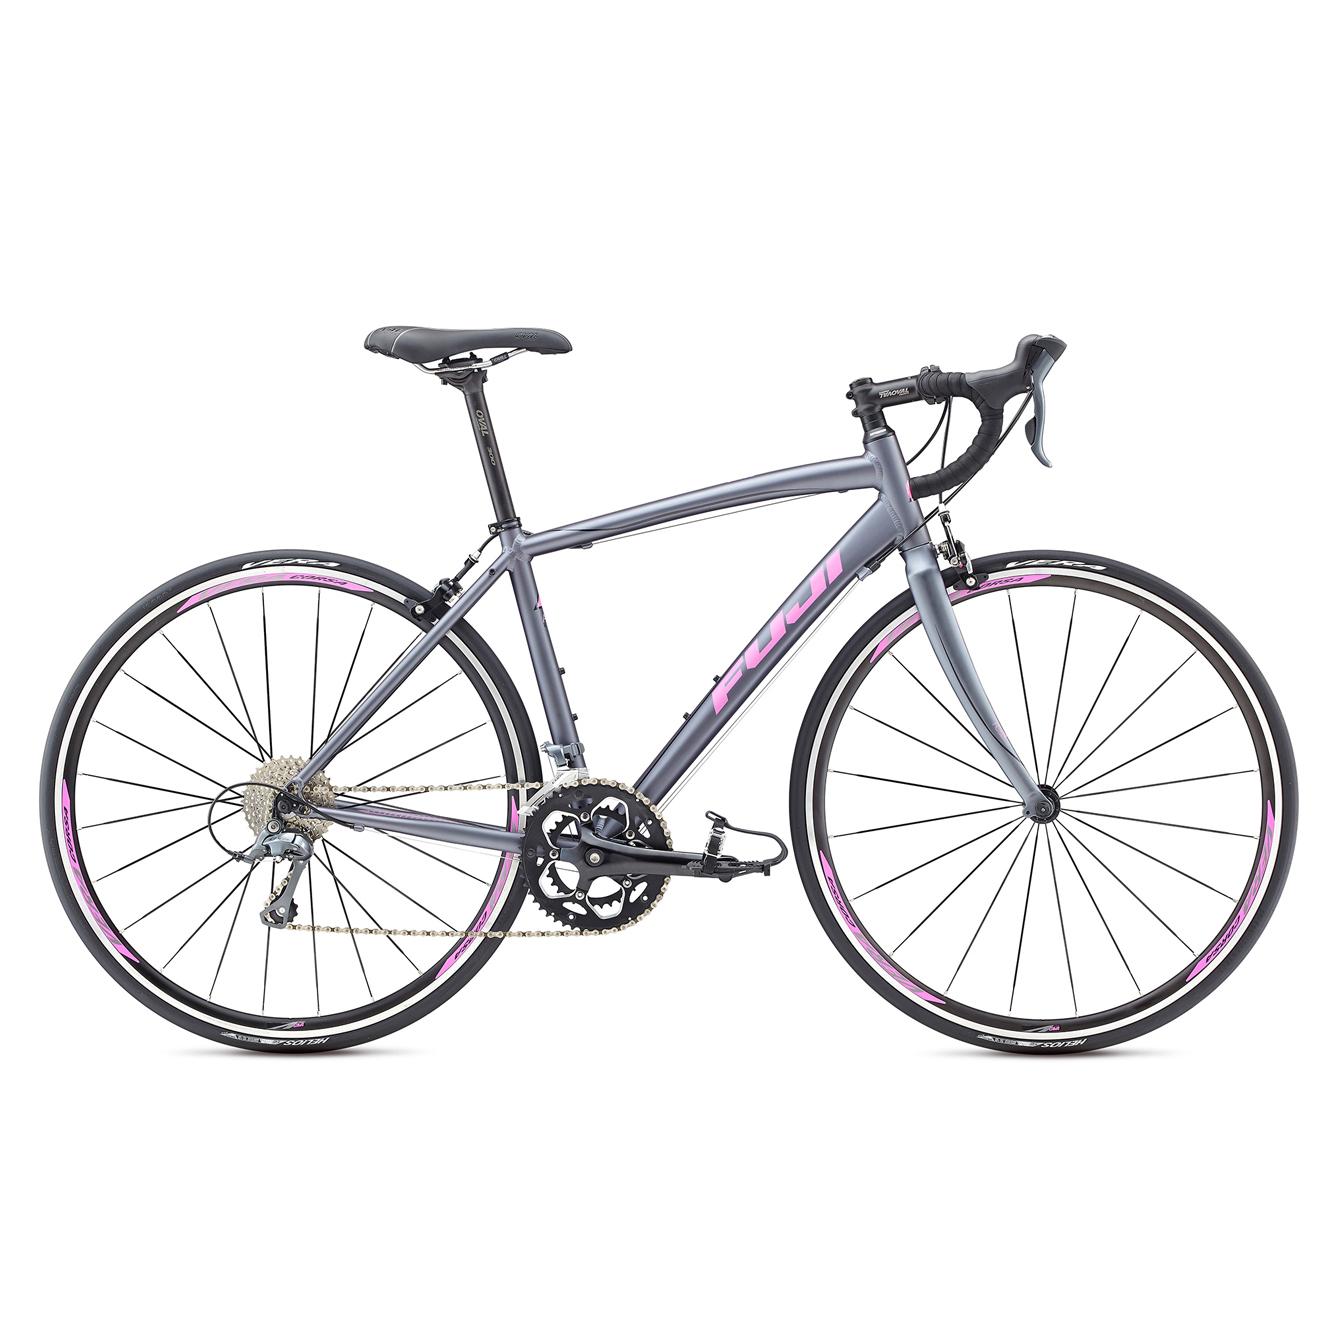 จักรยานเสือหมอบ FUJI Fuji Finest 2.1 16 สปีด Sora+Claris 2017